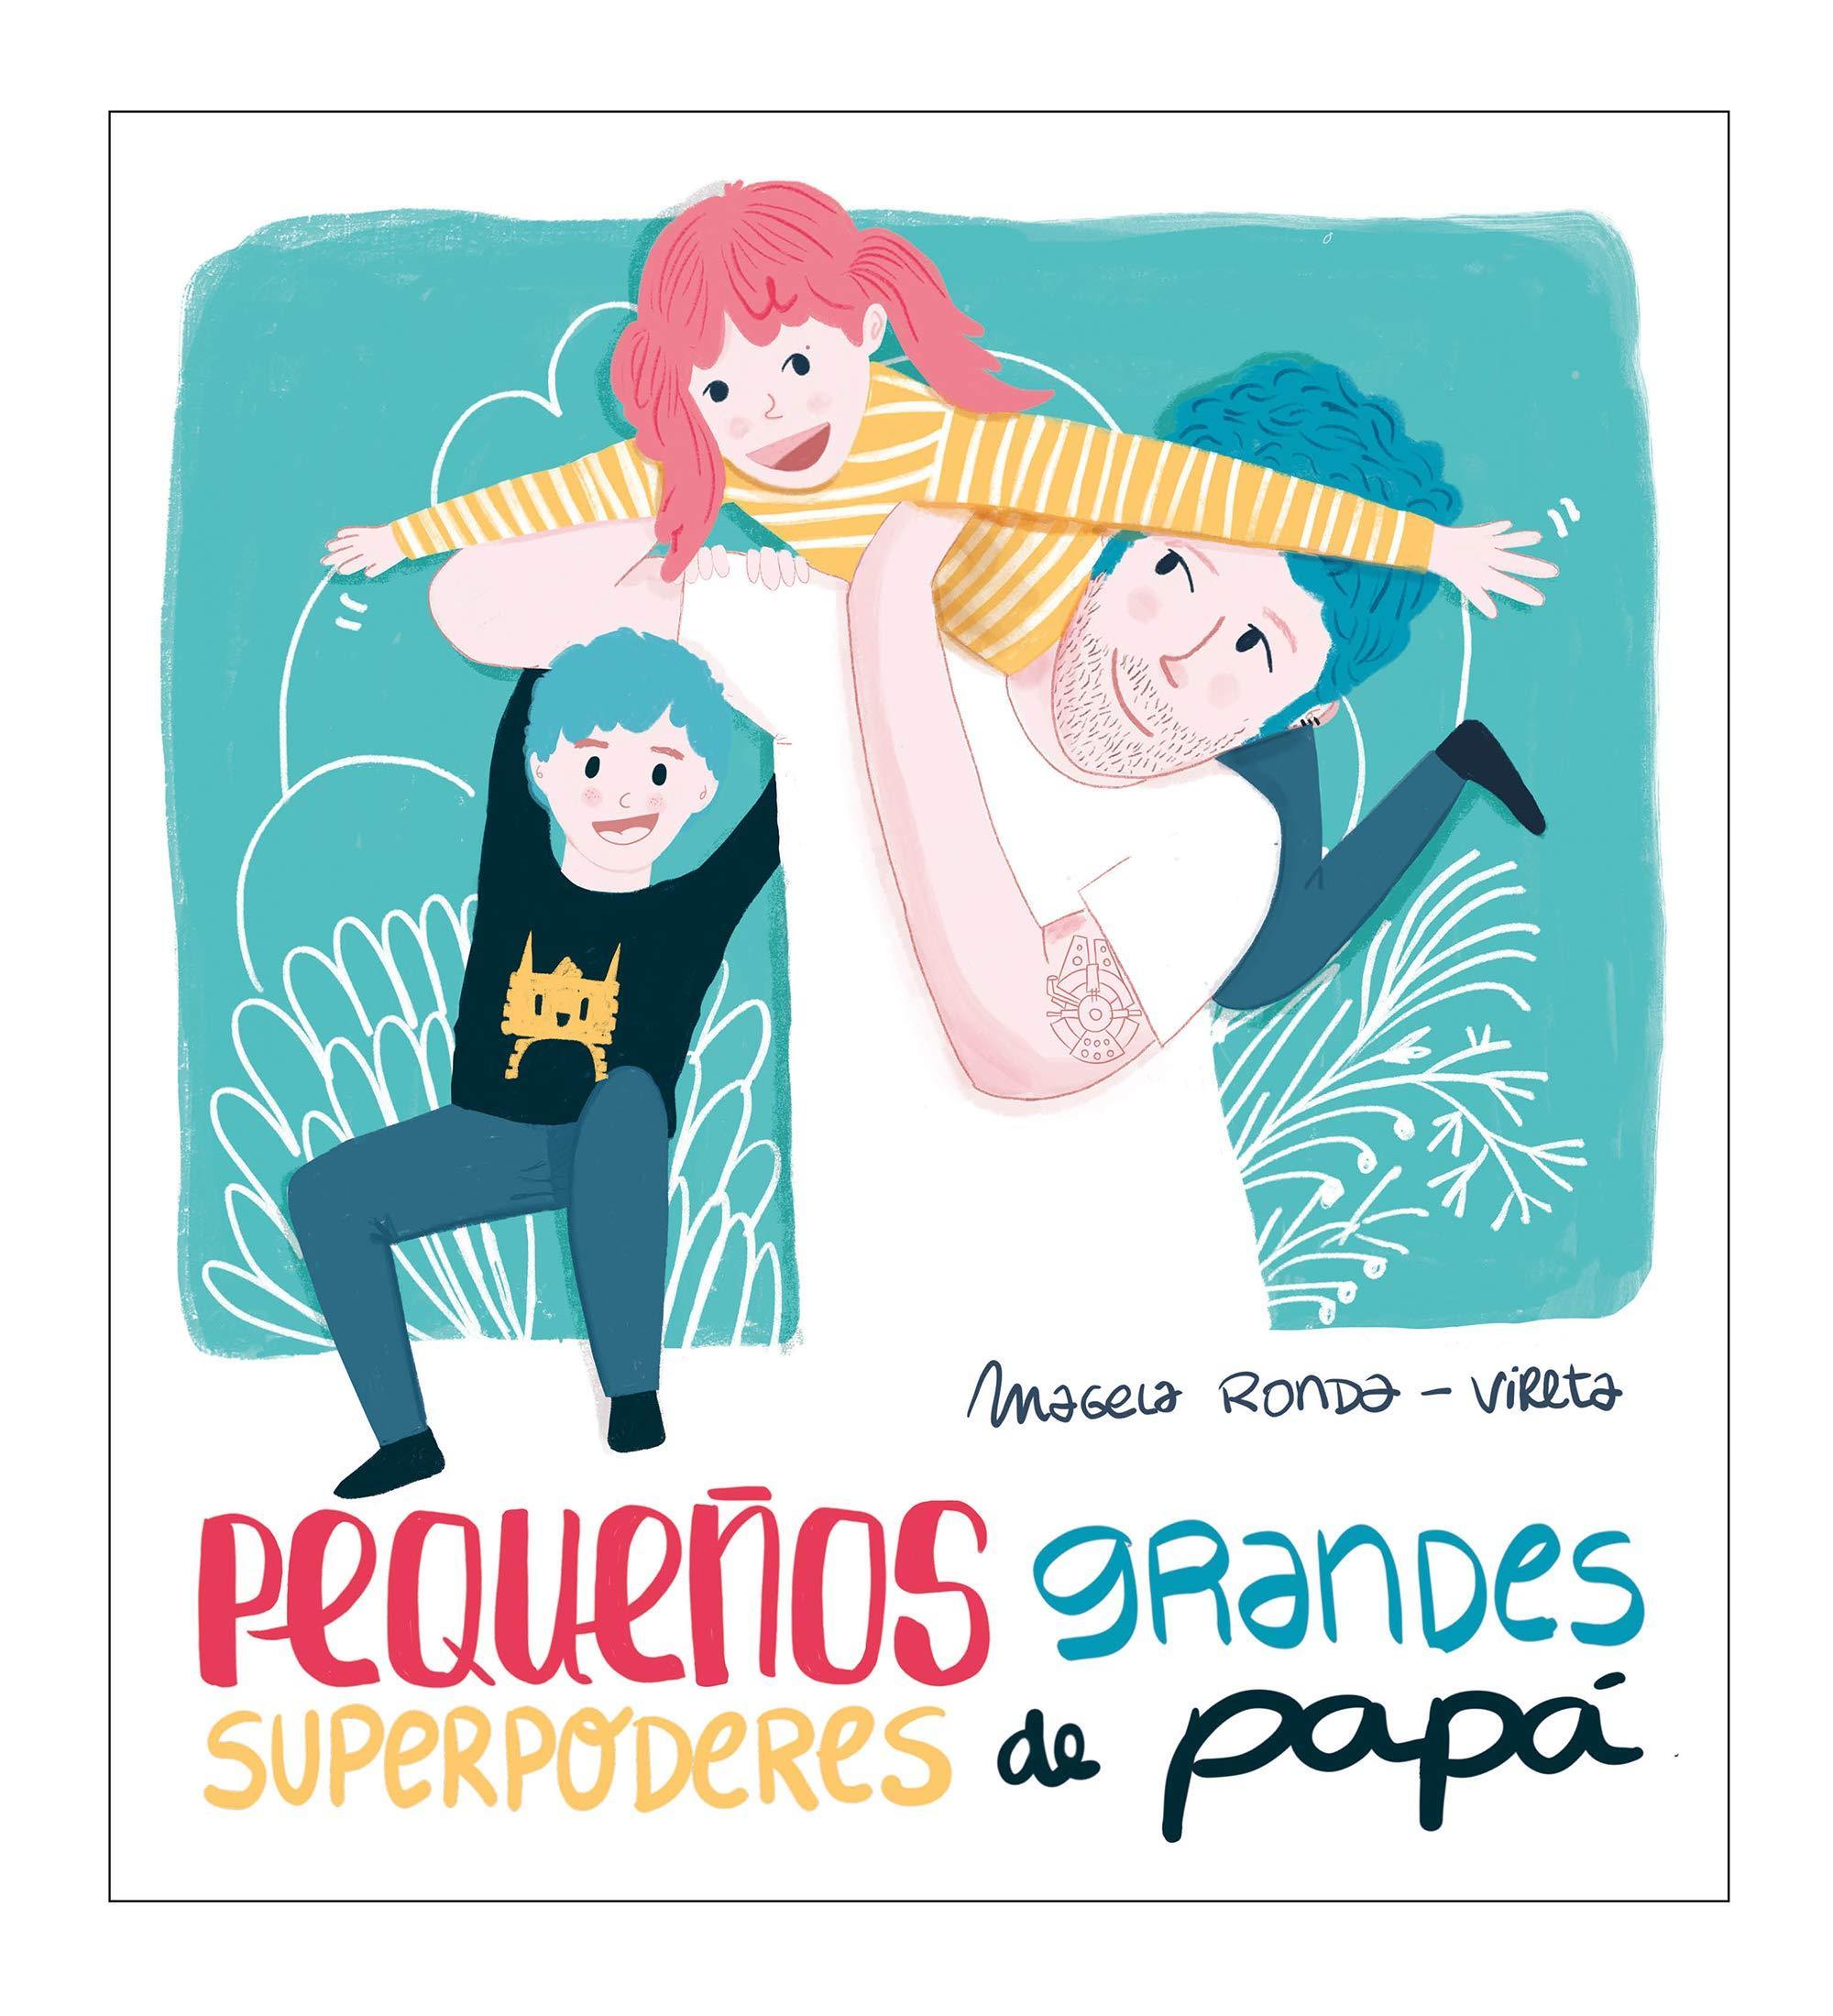 cuentos para el día del padre - pequeños grandes superpoderes de papa